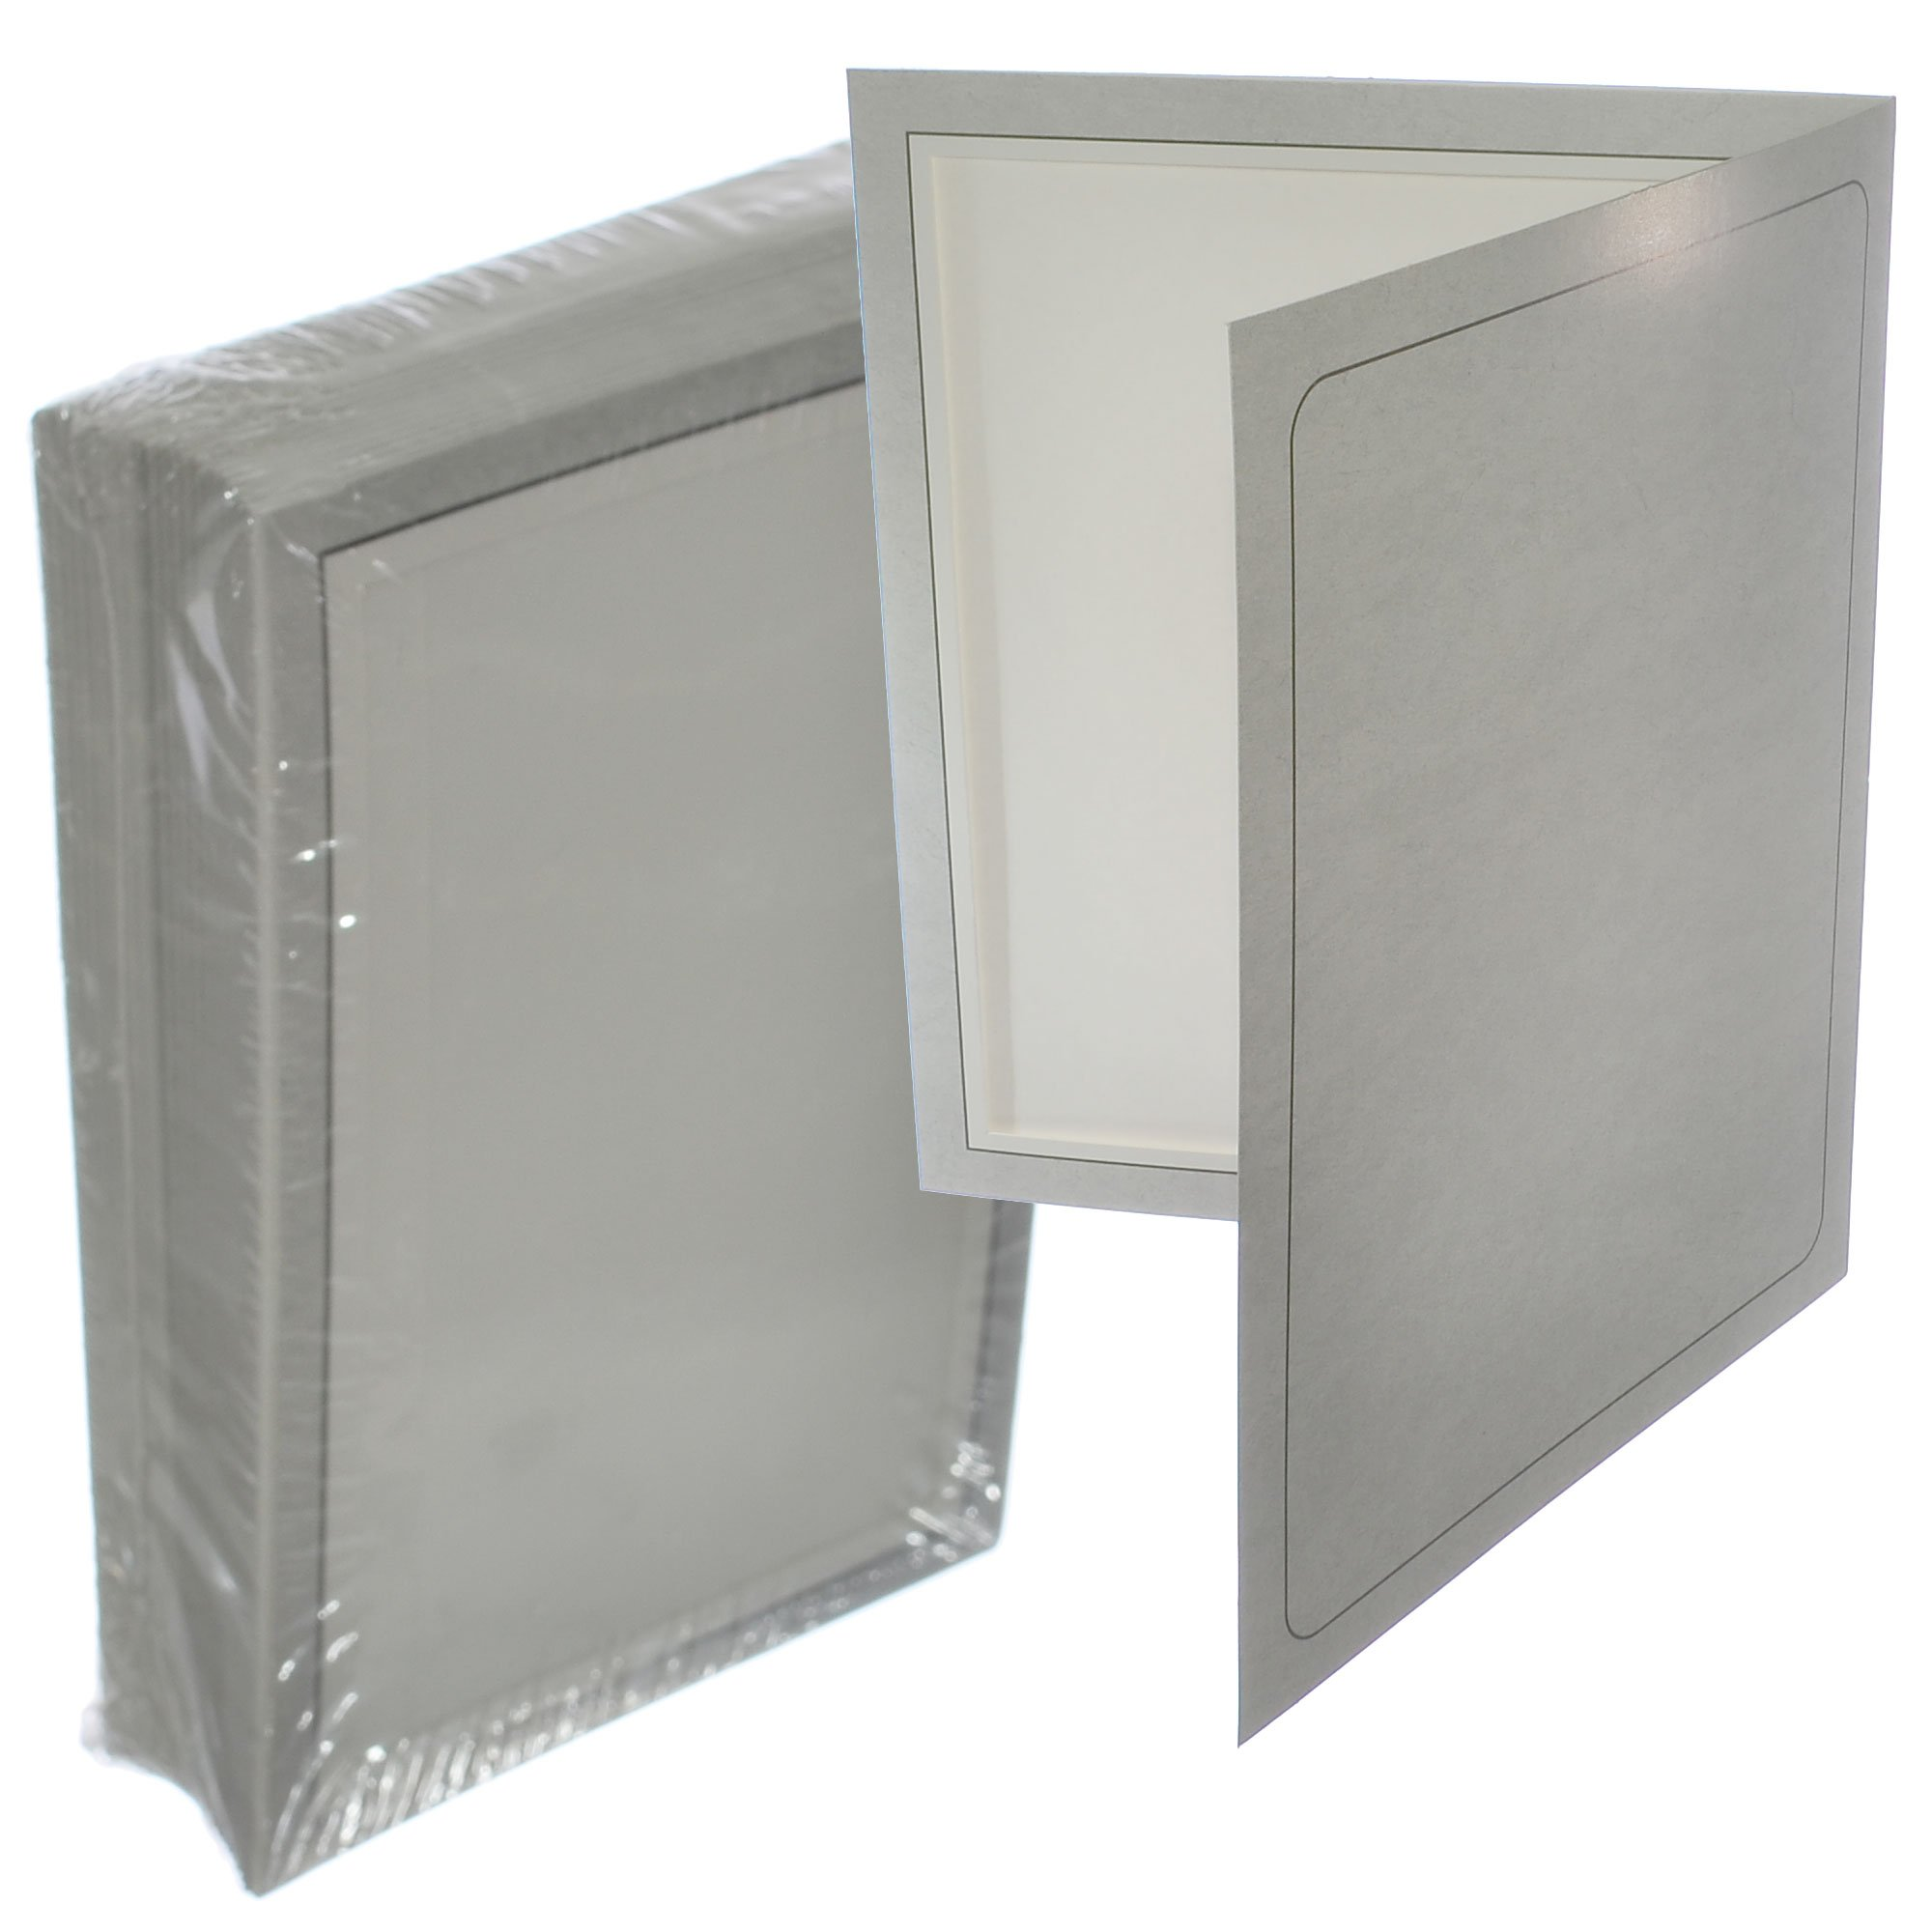 Erfreut 8x10 Cardboard Picture Frames Fotos - Benutzerdefinierte ...